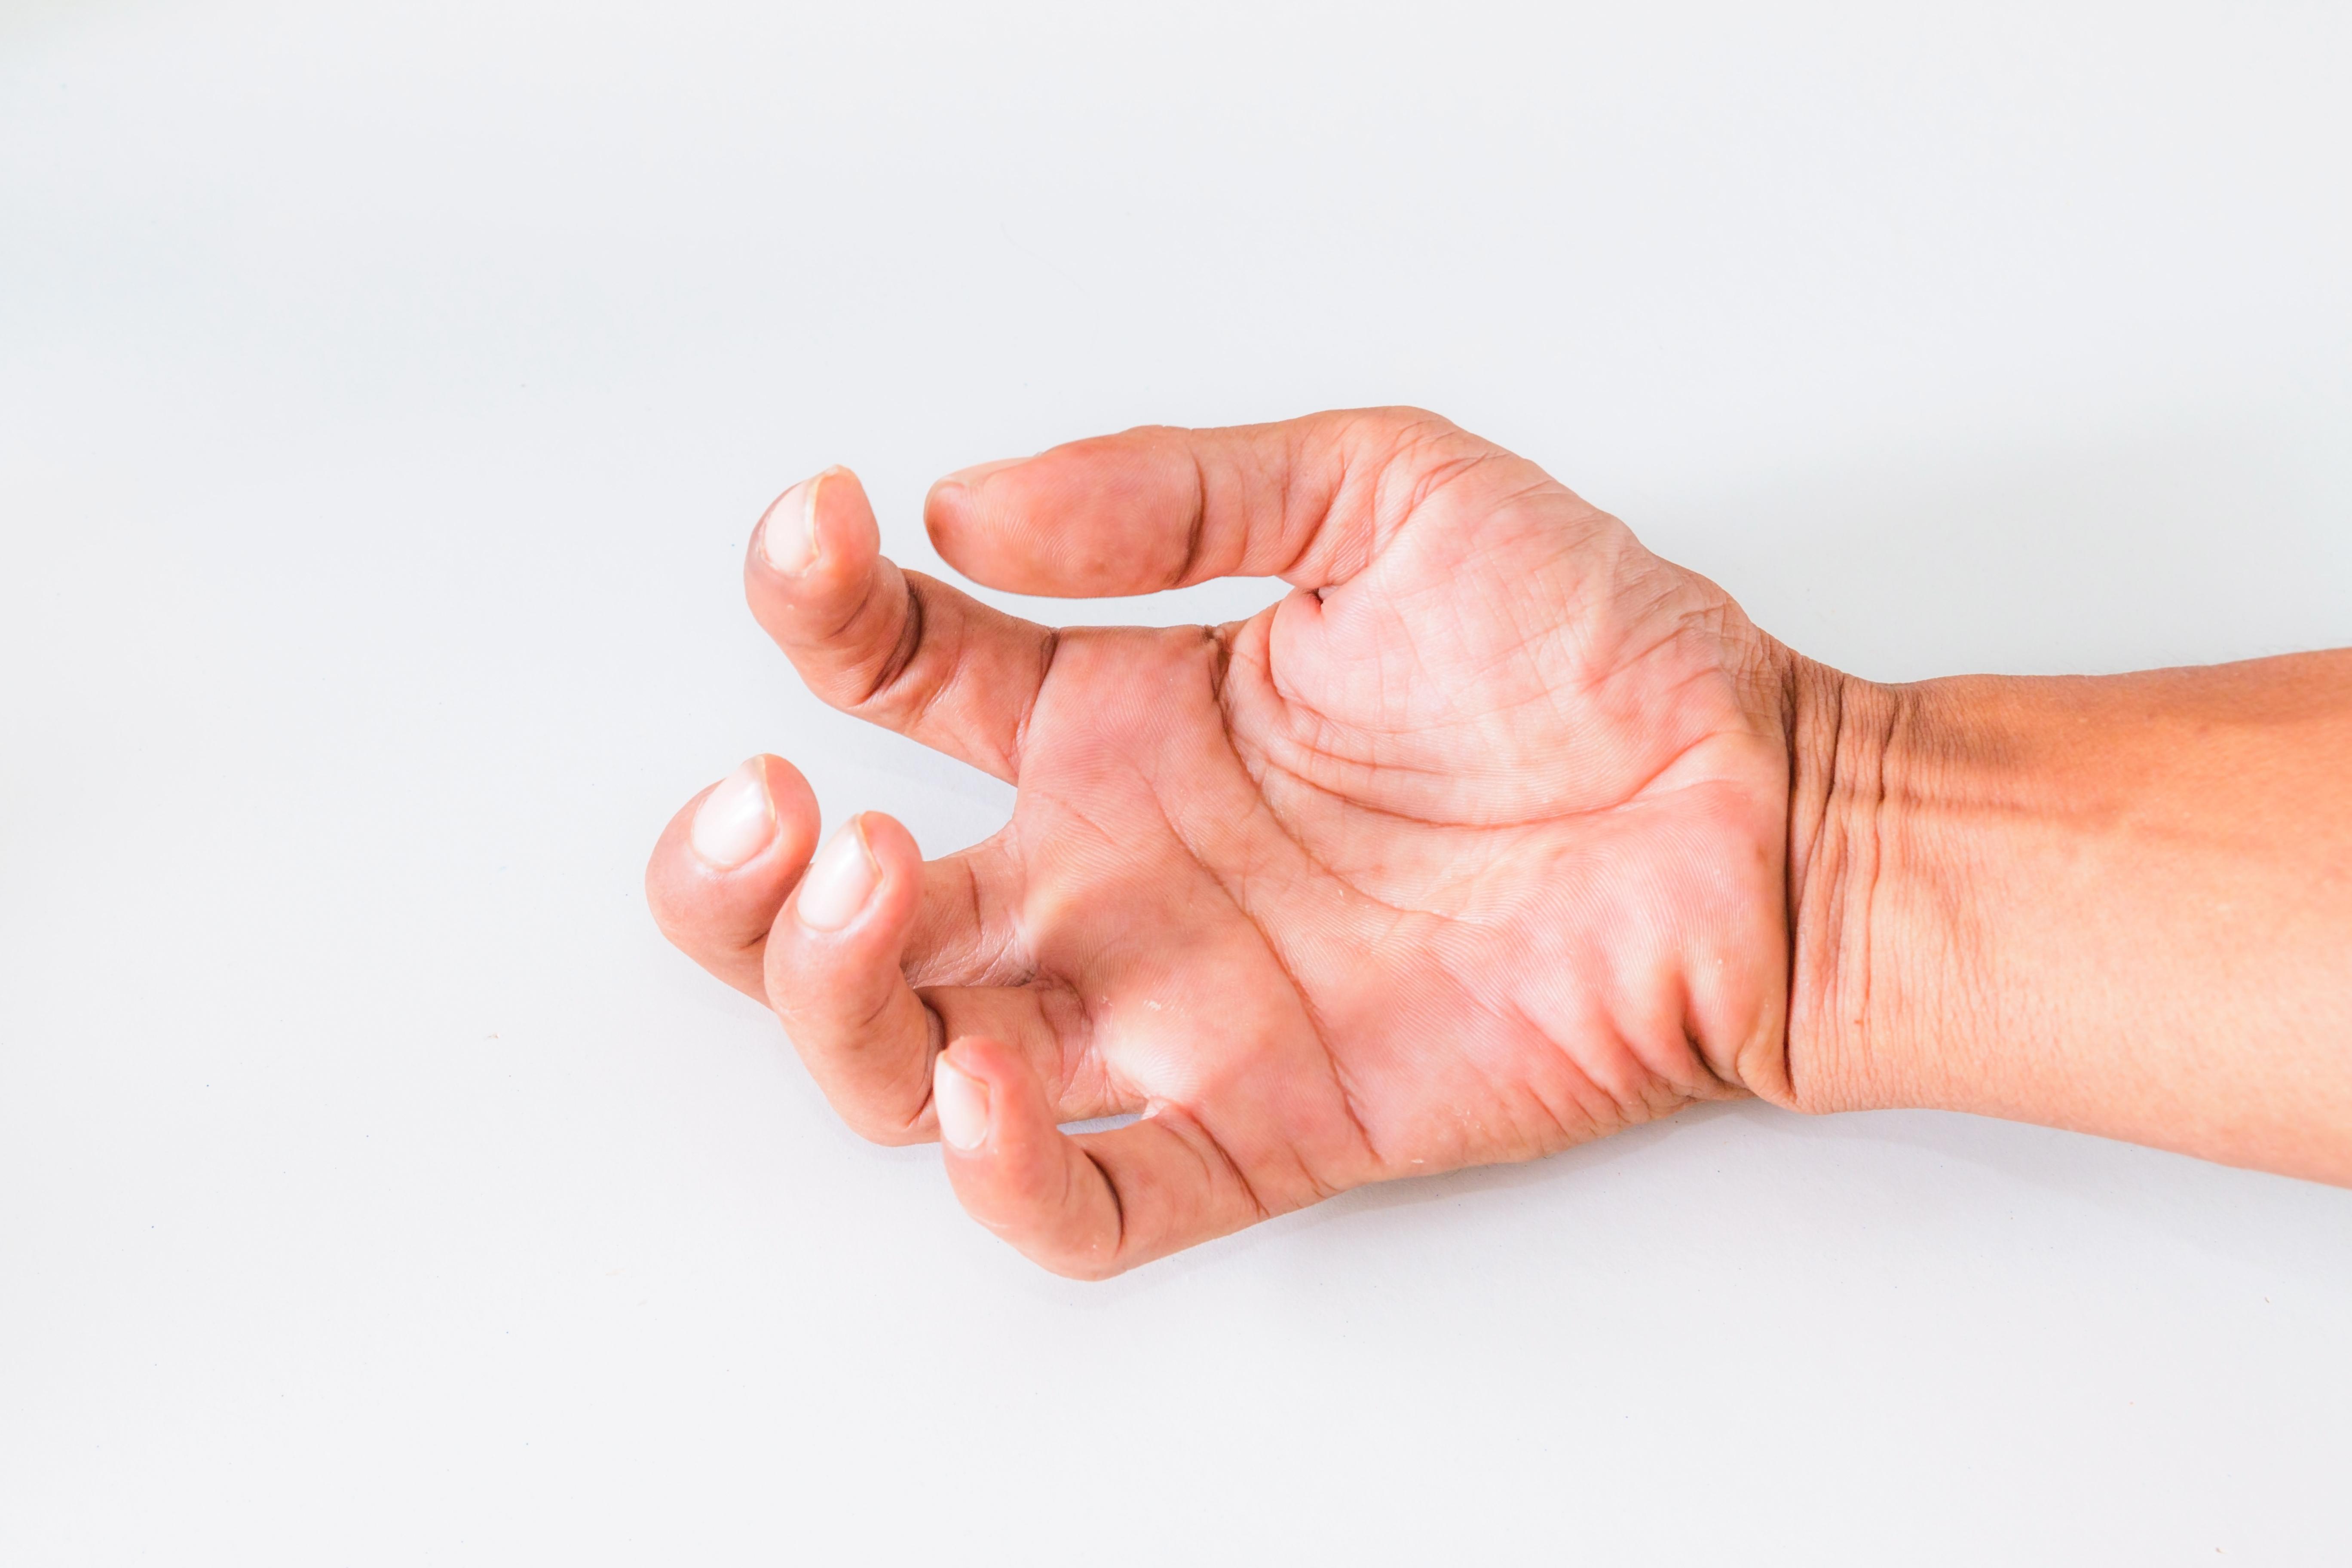 Vid spasticitet blir rörelsen i drabbade kroppsdelar svårare och mindre kontrollerbara.